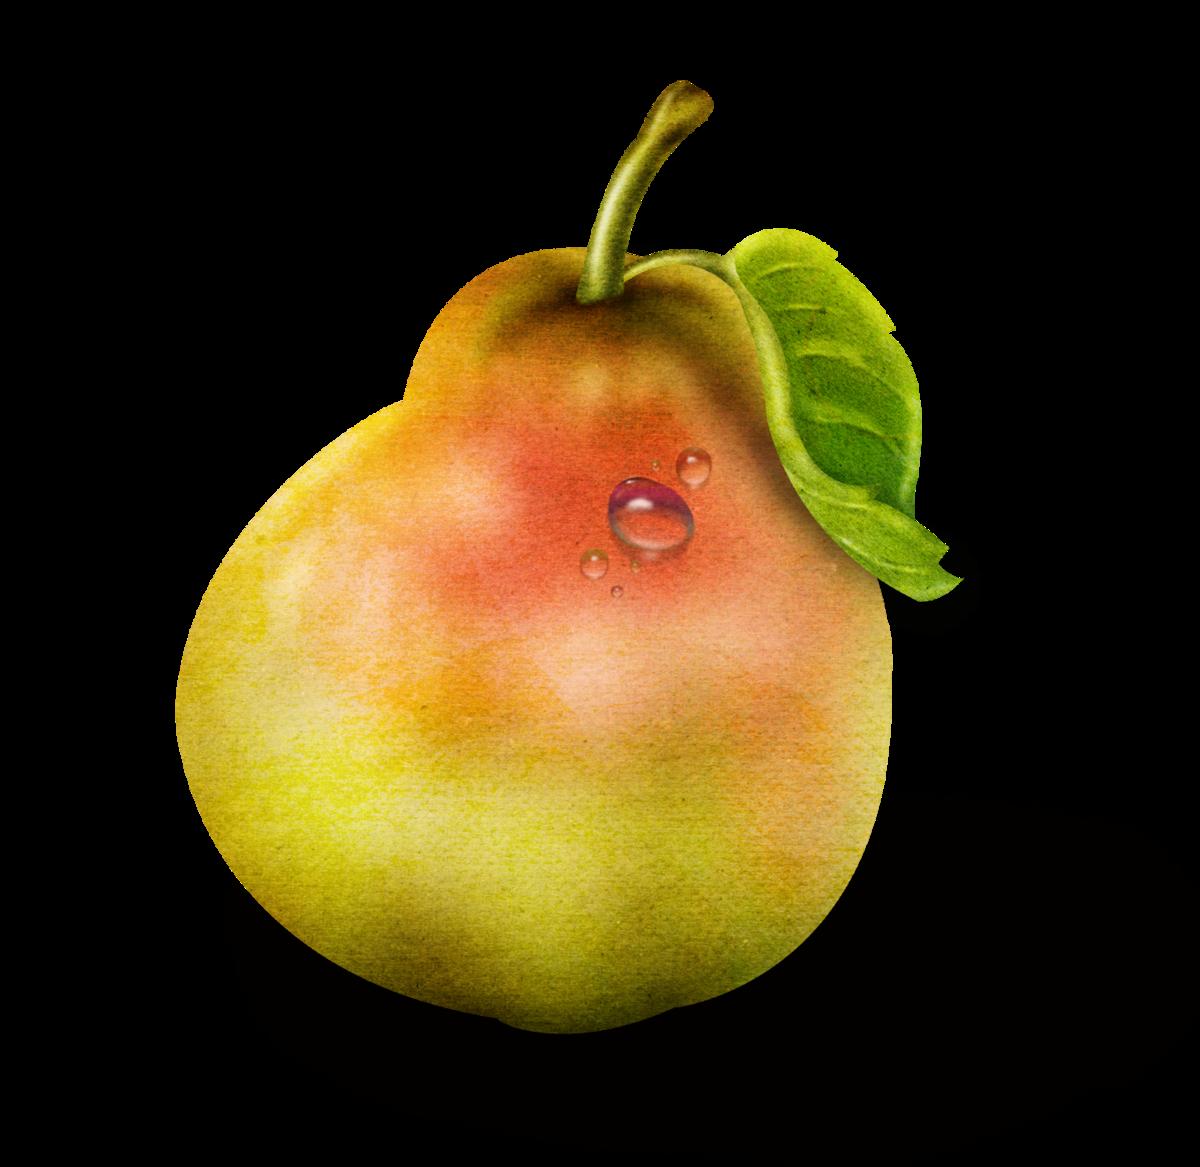 Картинки овощи и фрукты по одному, шрека